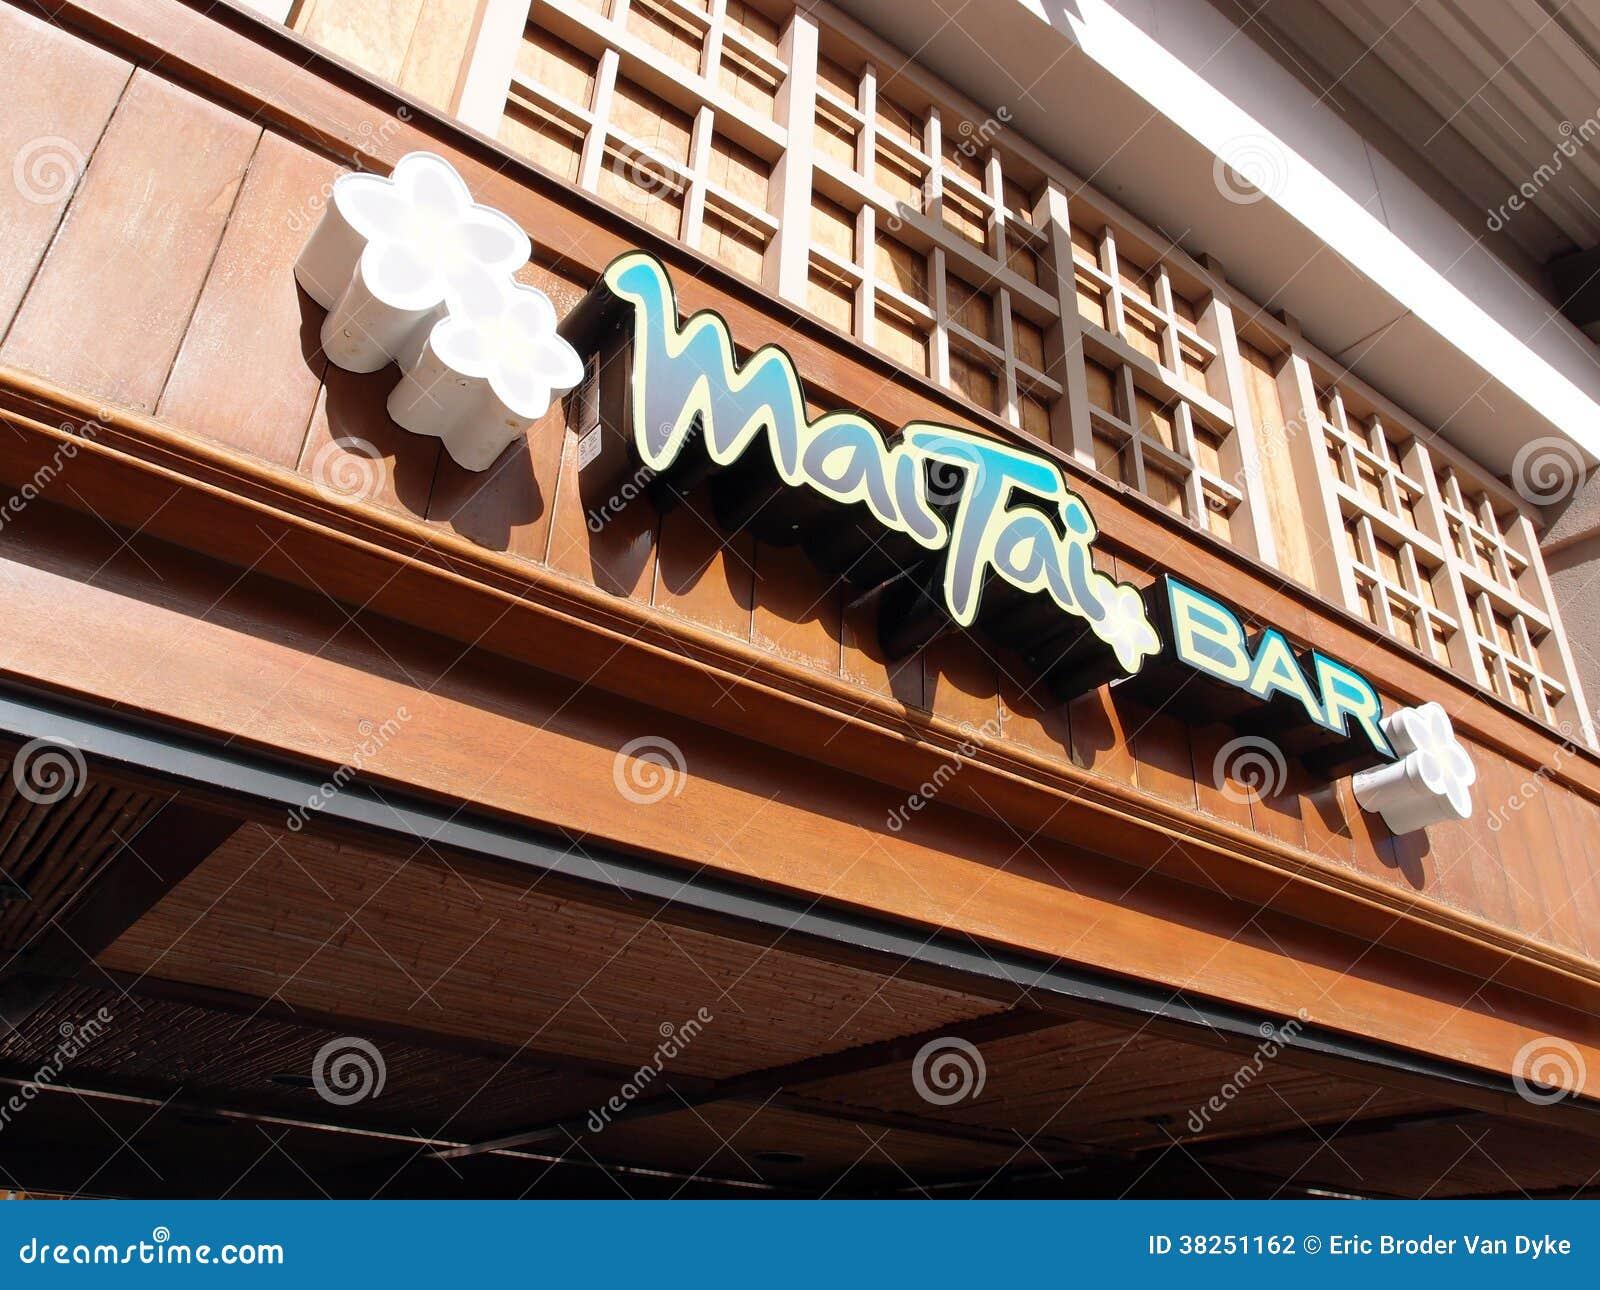 举世闻名的Mai Tai酒吧签到丙氨酸Moana购物中心